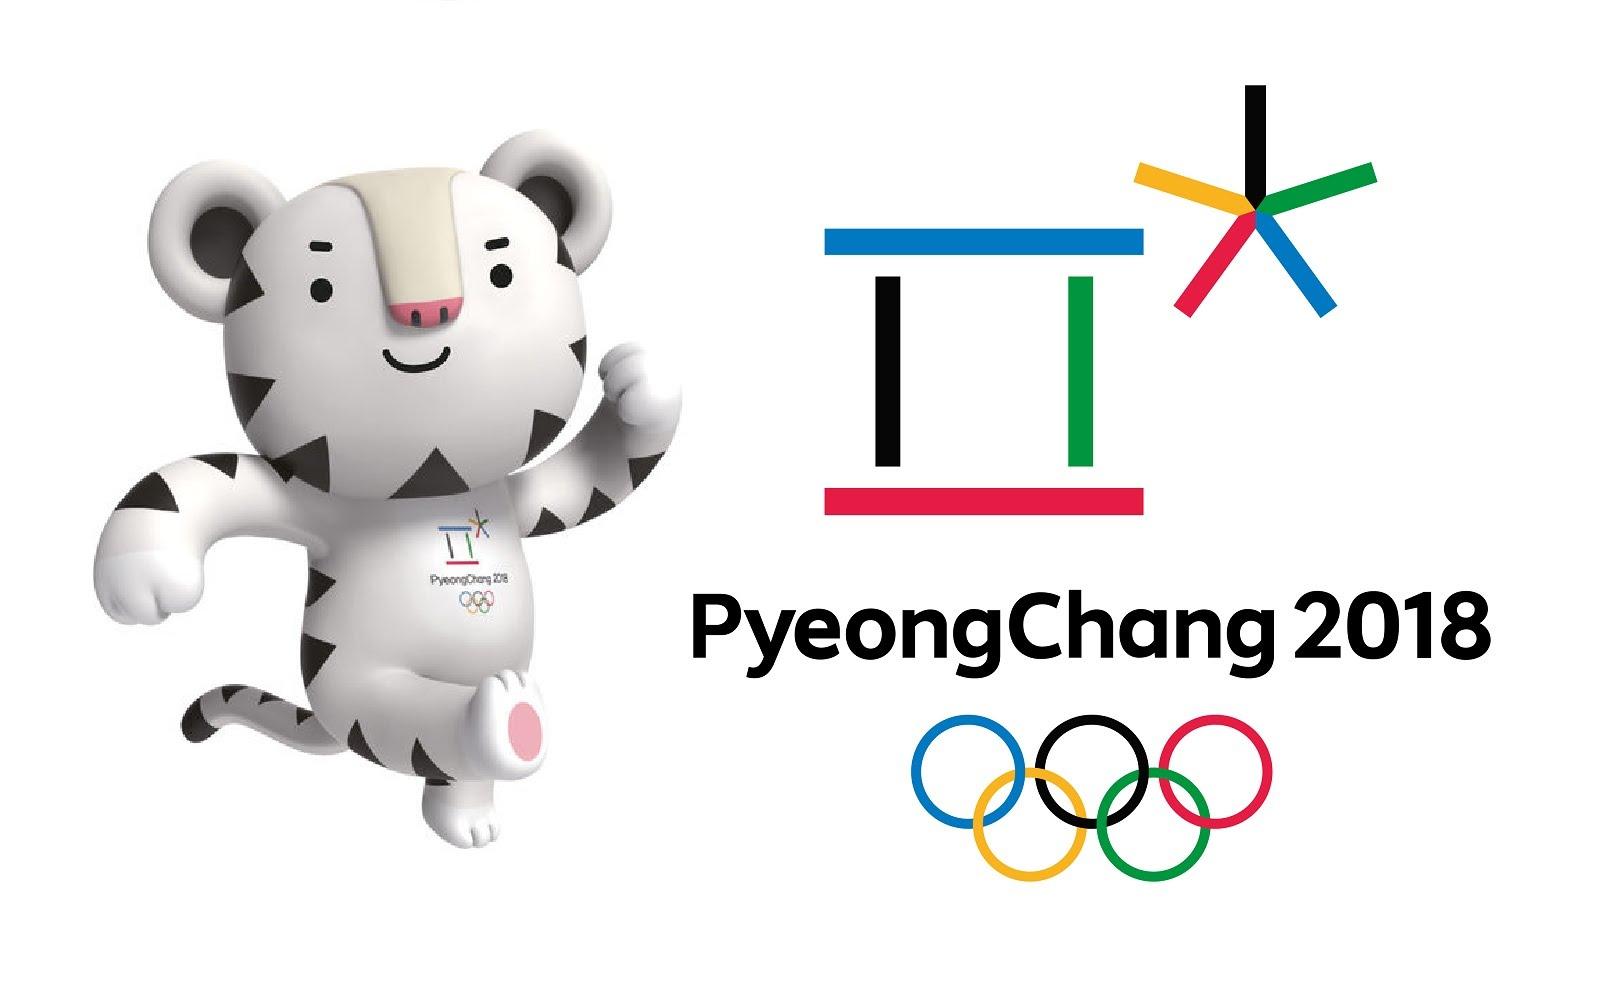 ピョンチャンオリンピック